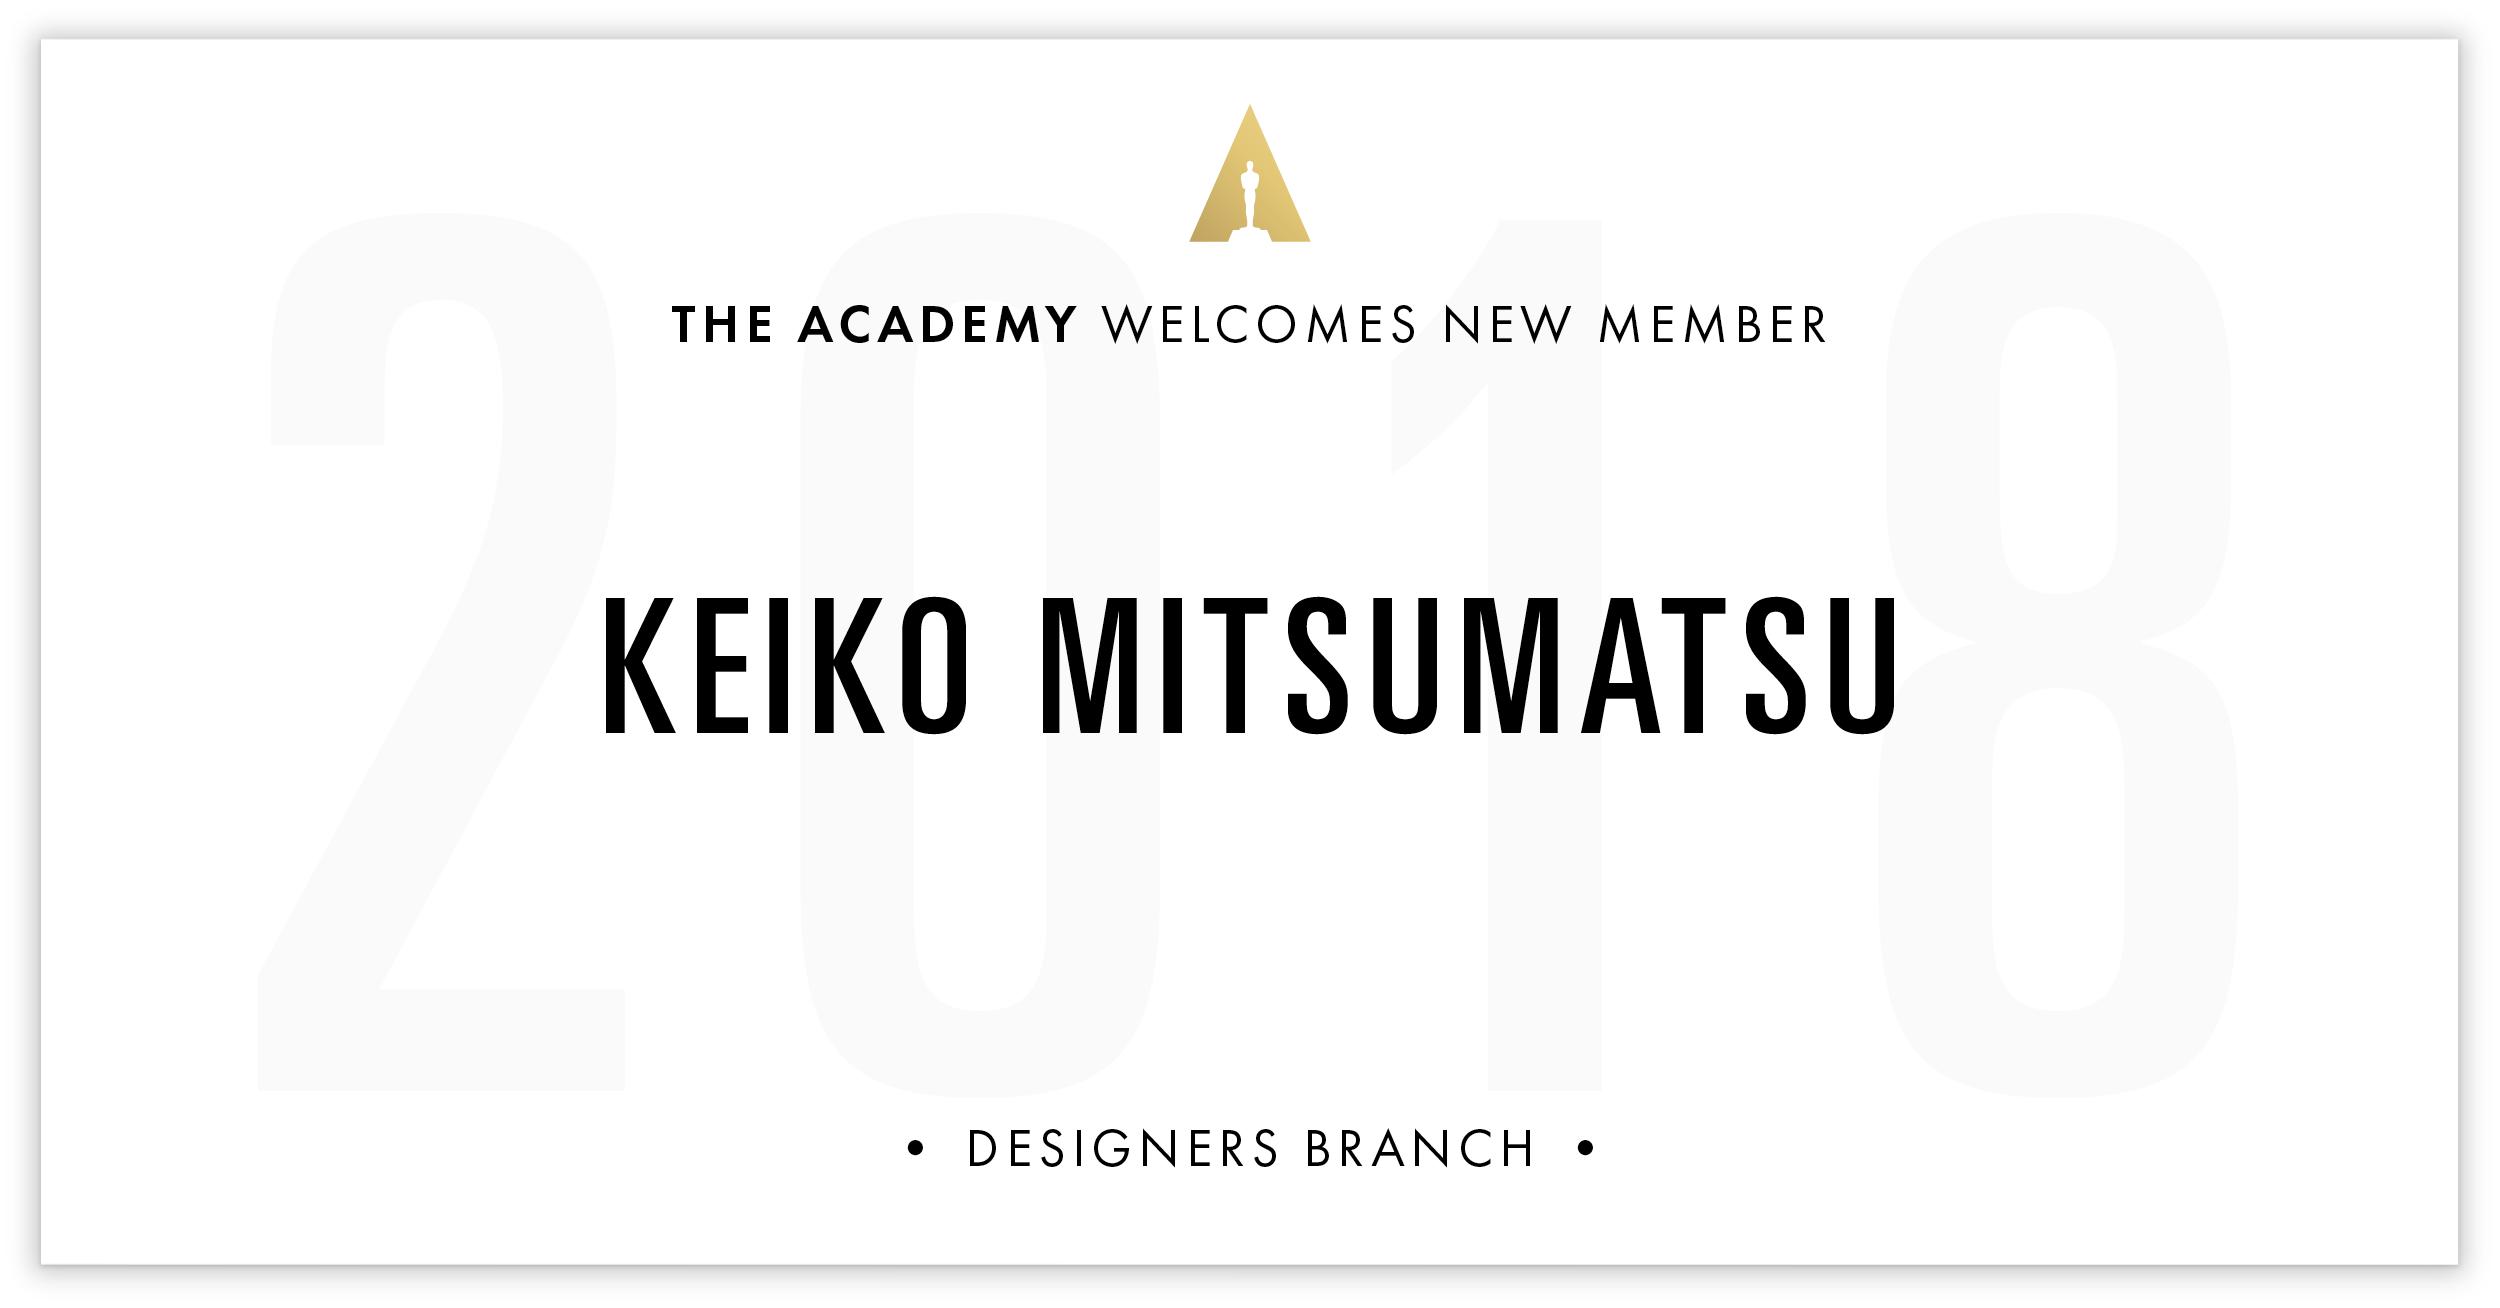 Keiko Mitsumatsu is invited!